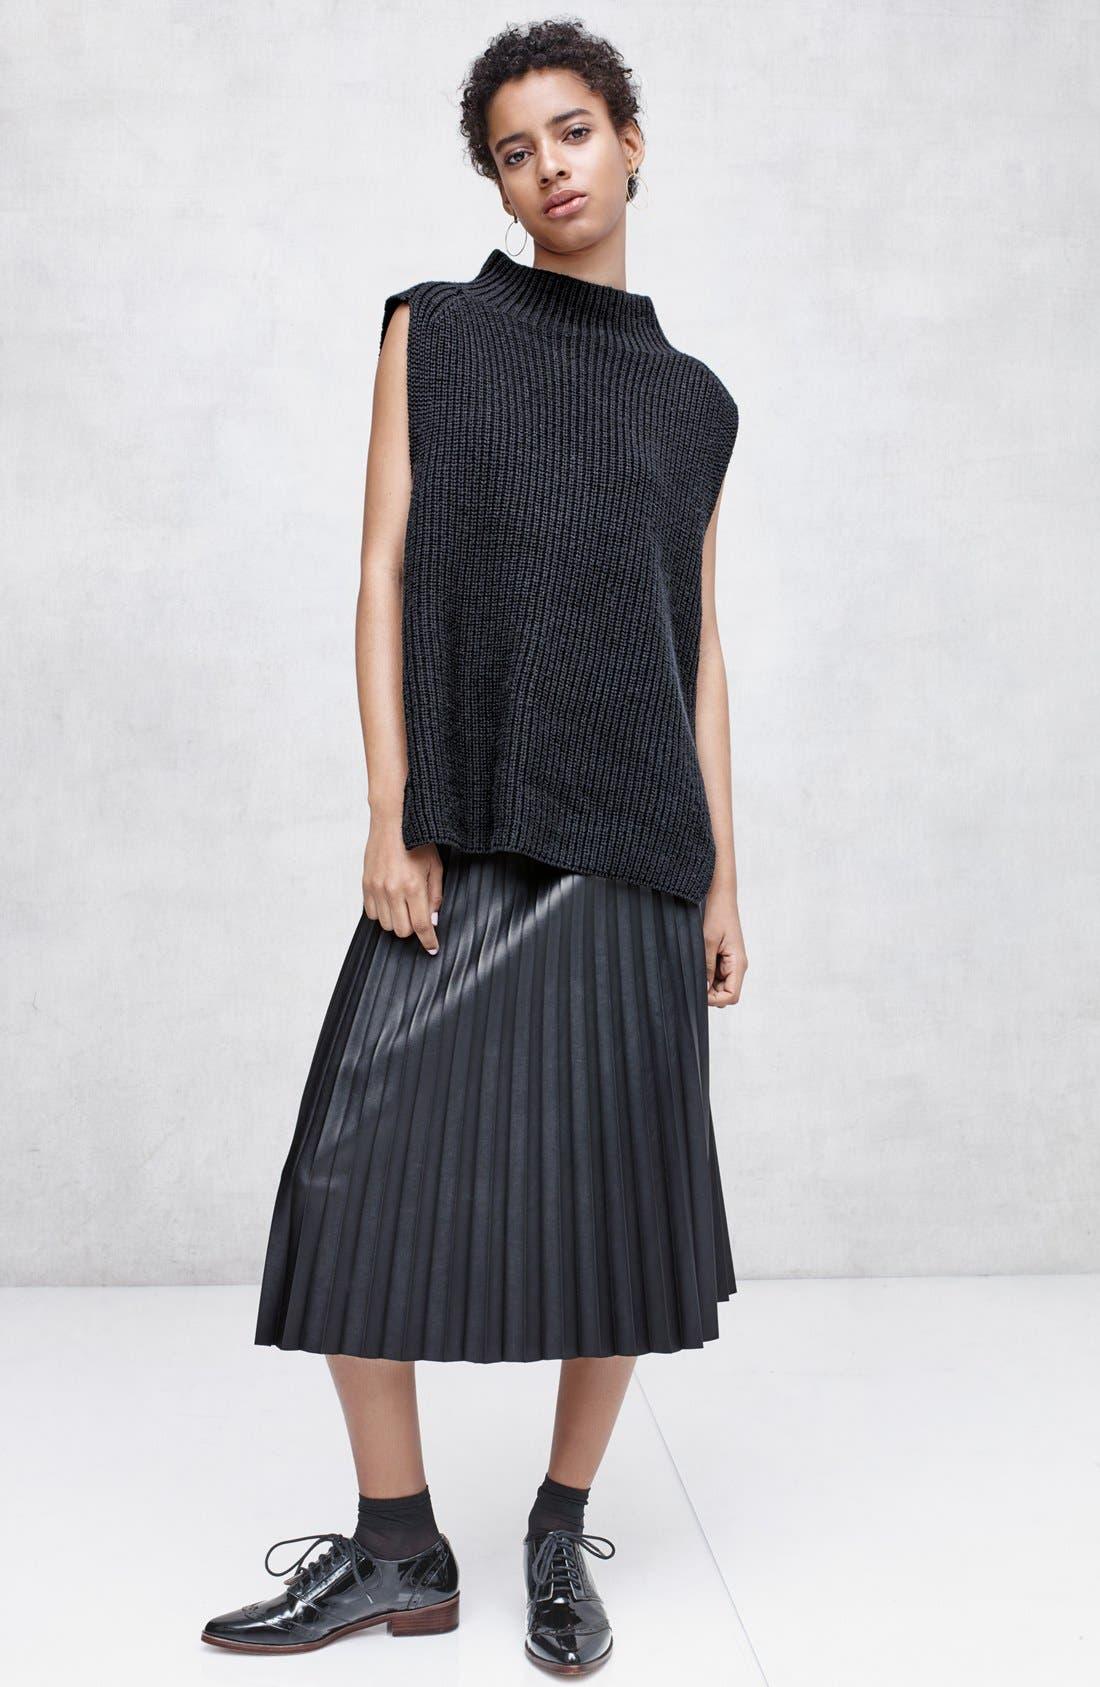 TROUVÉ, Faux Leather Pleat Skirt, Main thumbnail 1, color, 301